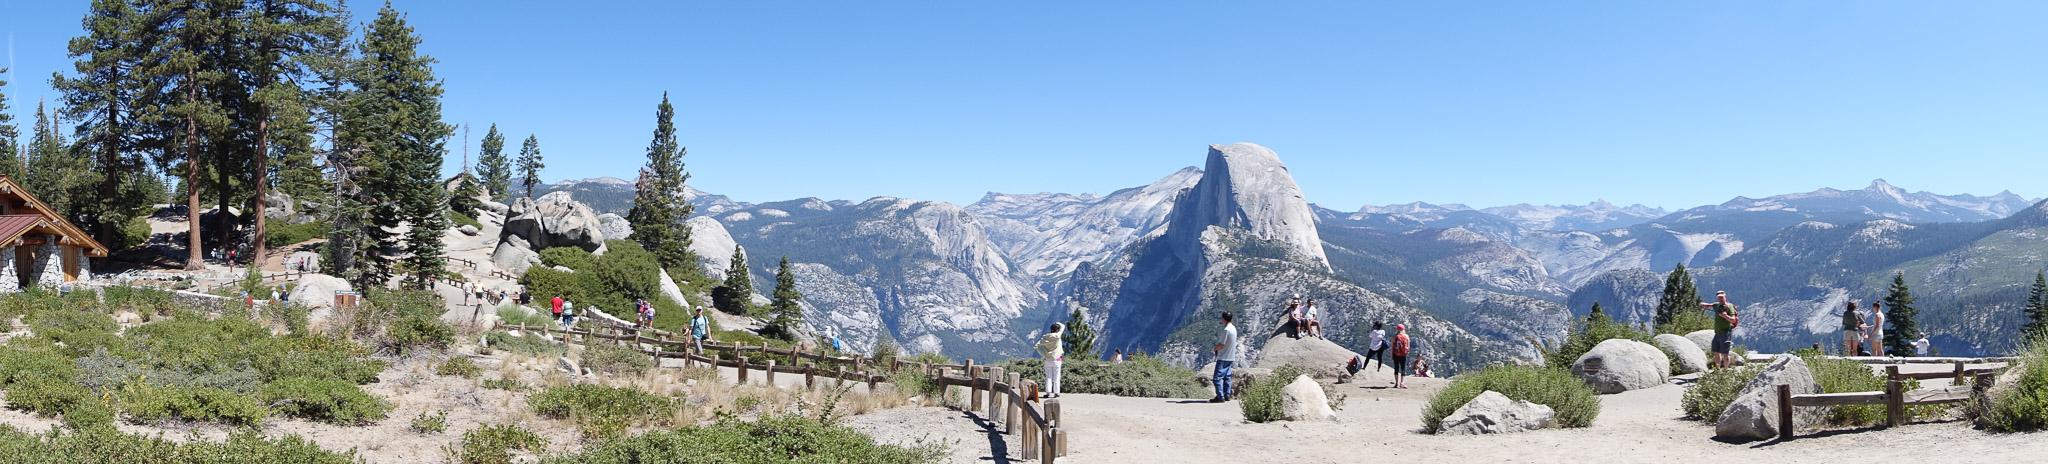 Yosemite-2015-01576.jpg